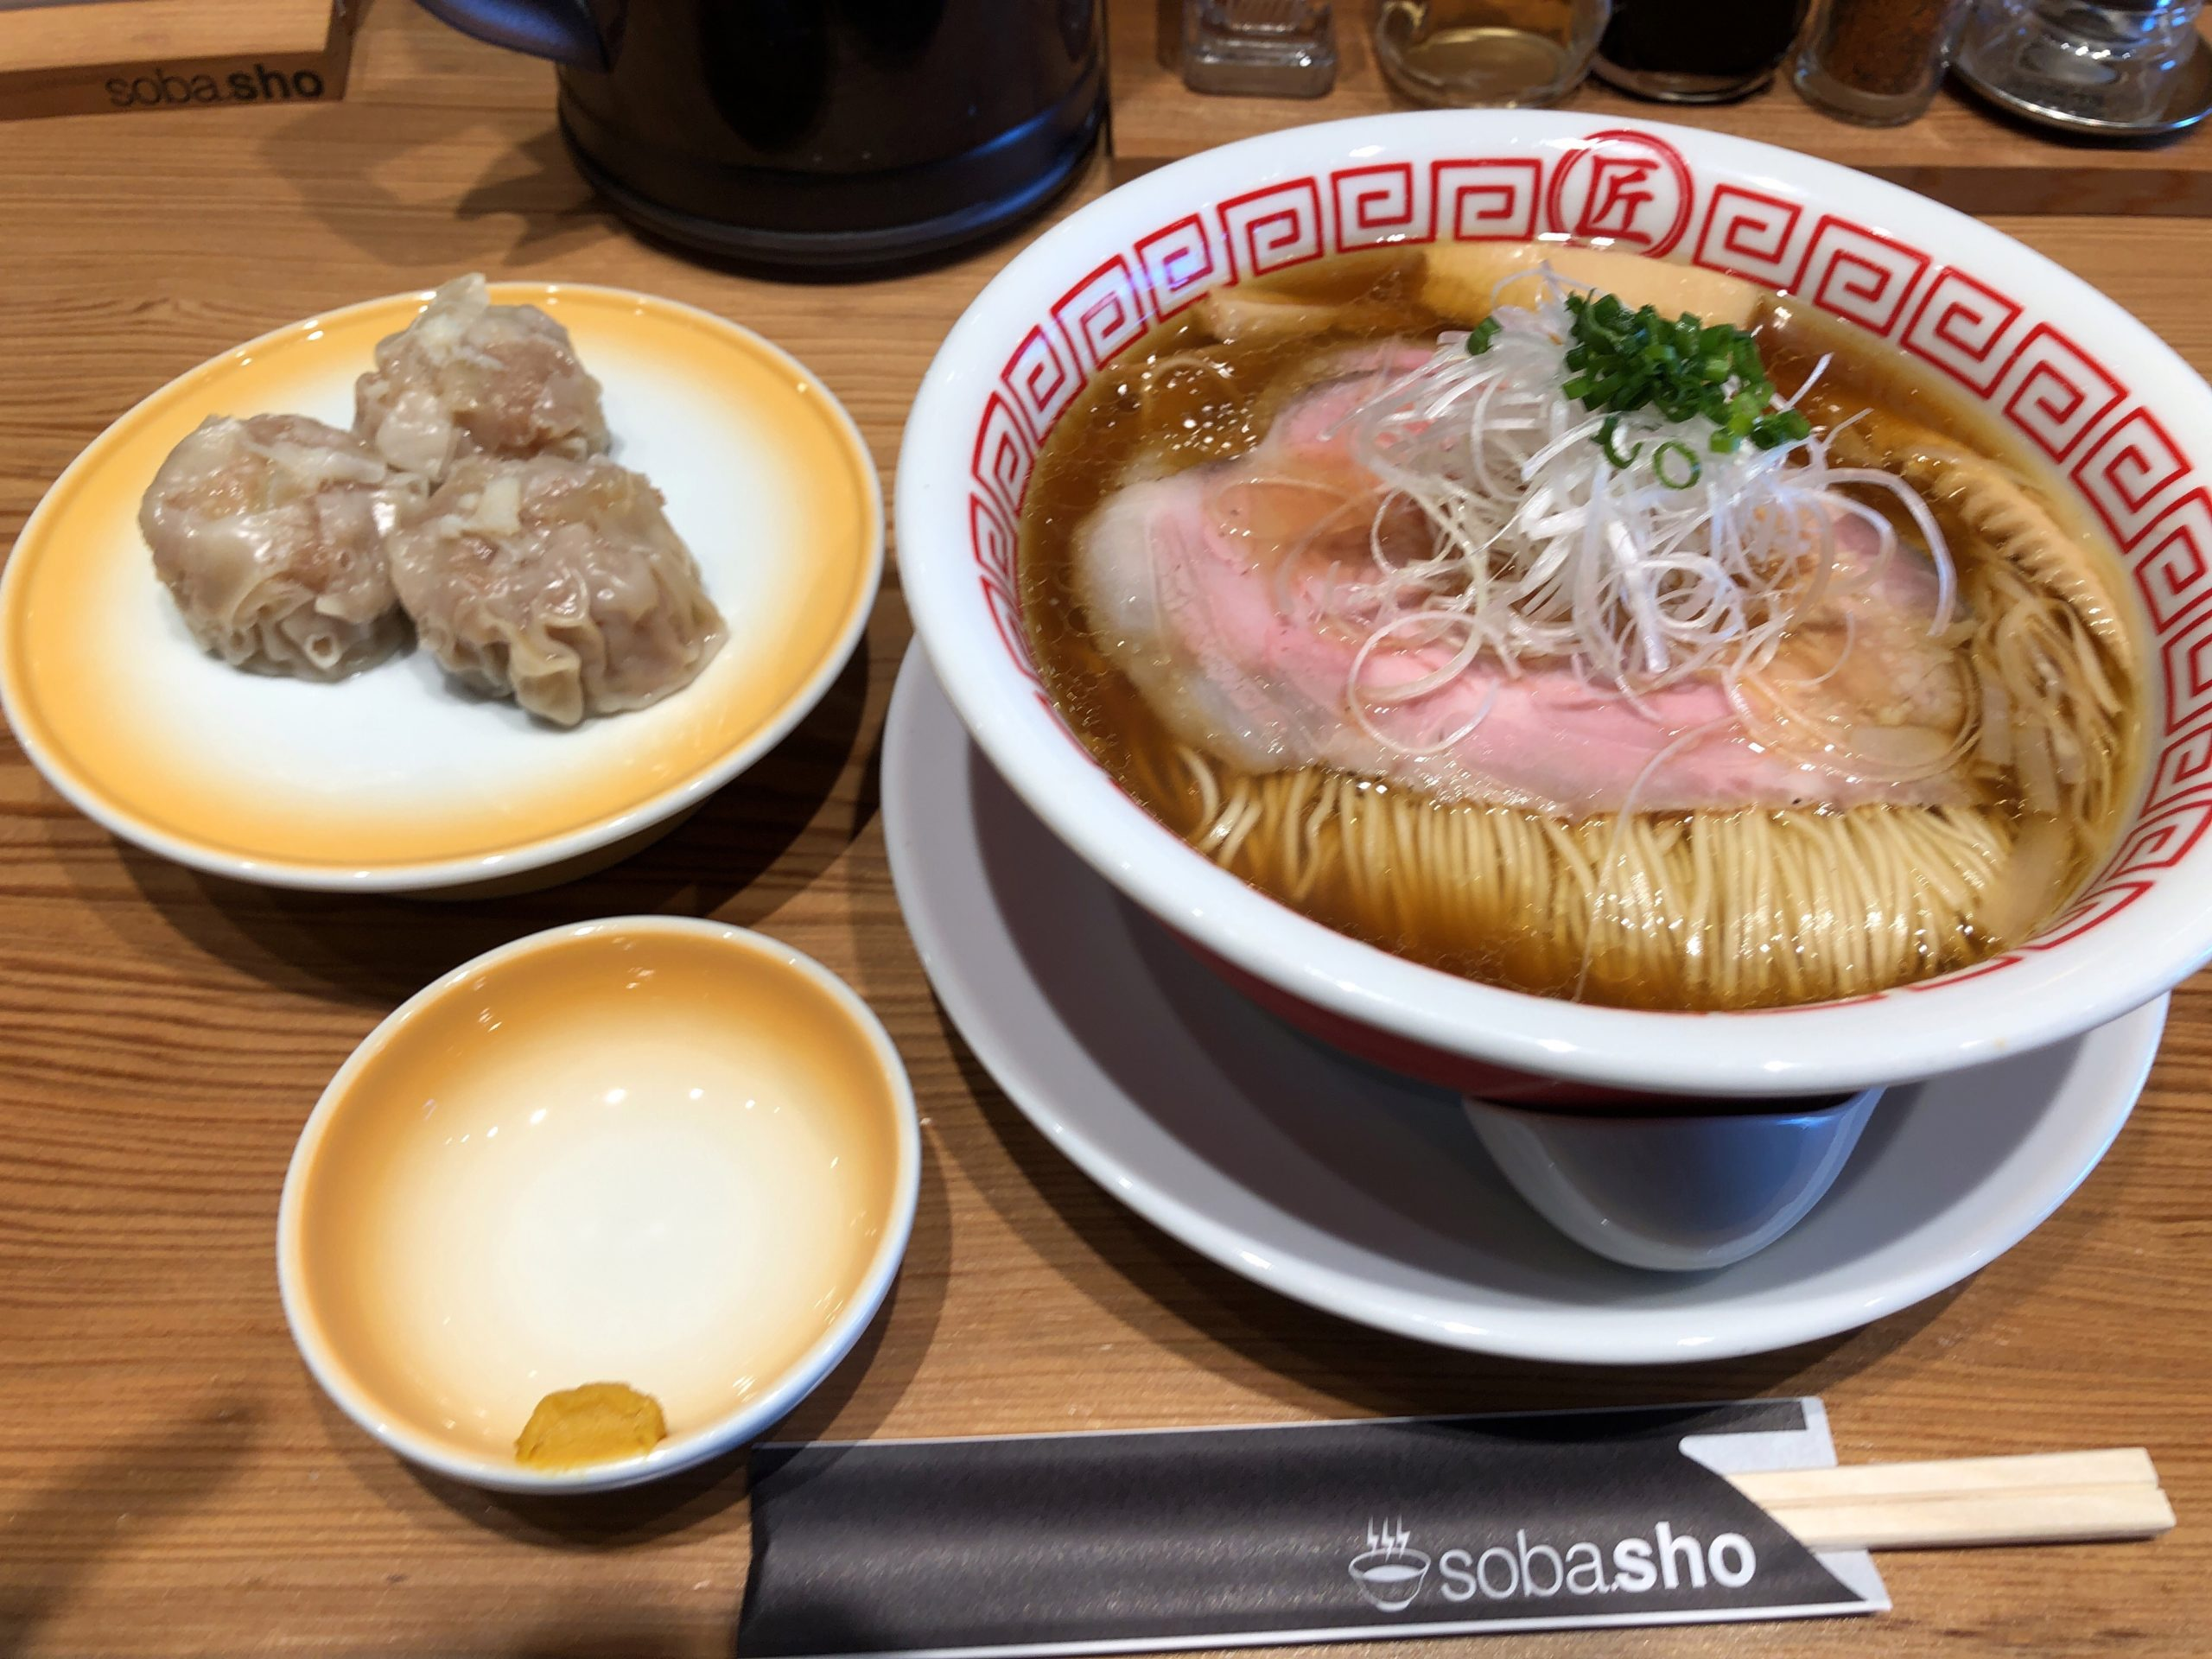 鹿沼インターから車で2分「soba.sho(そばしょう)」まるで日本料亭のようなオシャレなお店で頂く王道醤油ラーメン